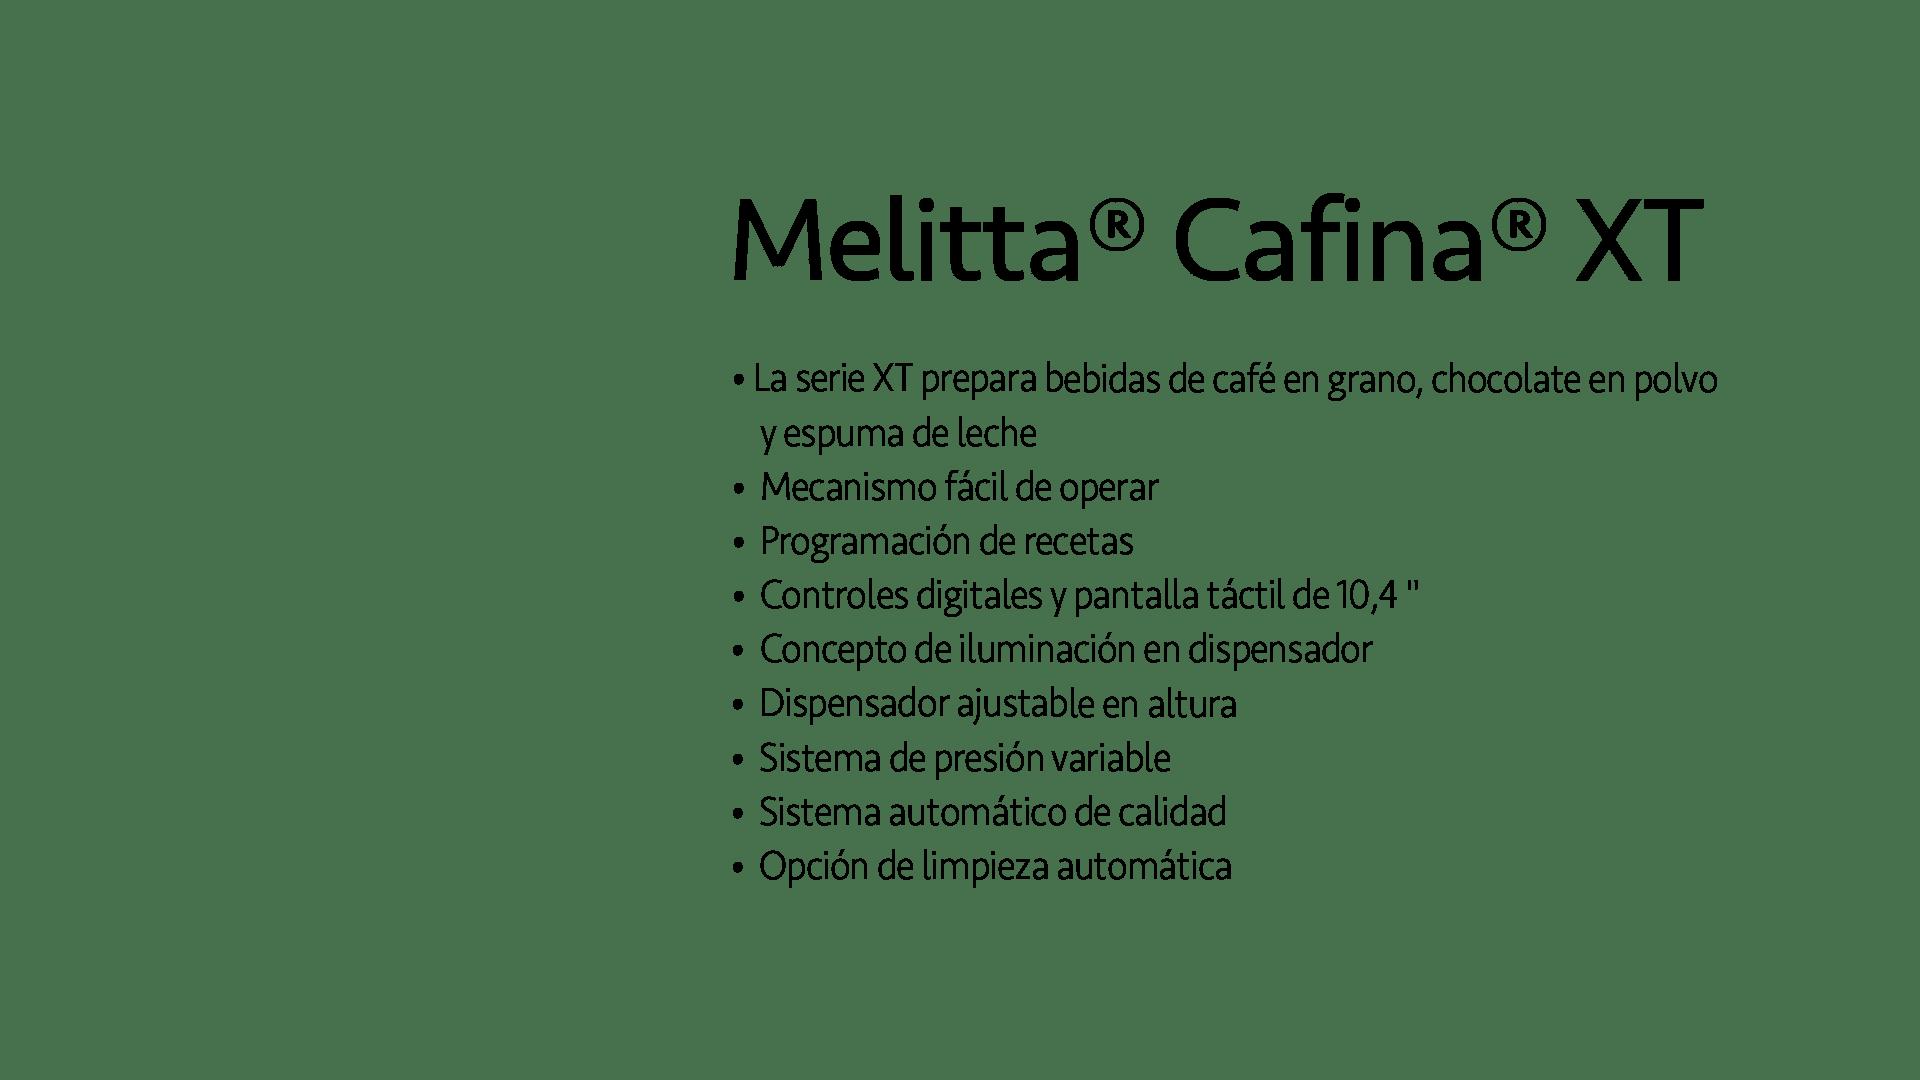 Máquinas de espresso súper automáticas Melitta XT8